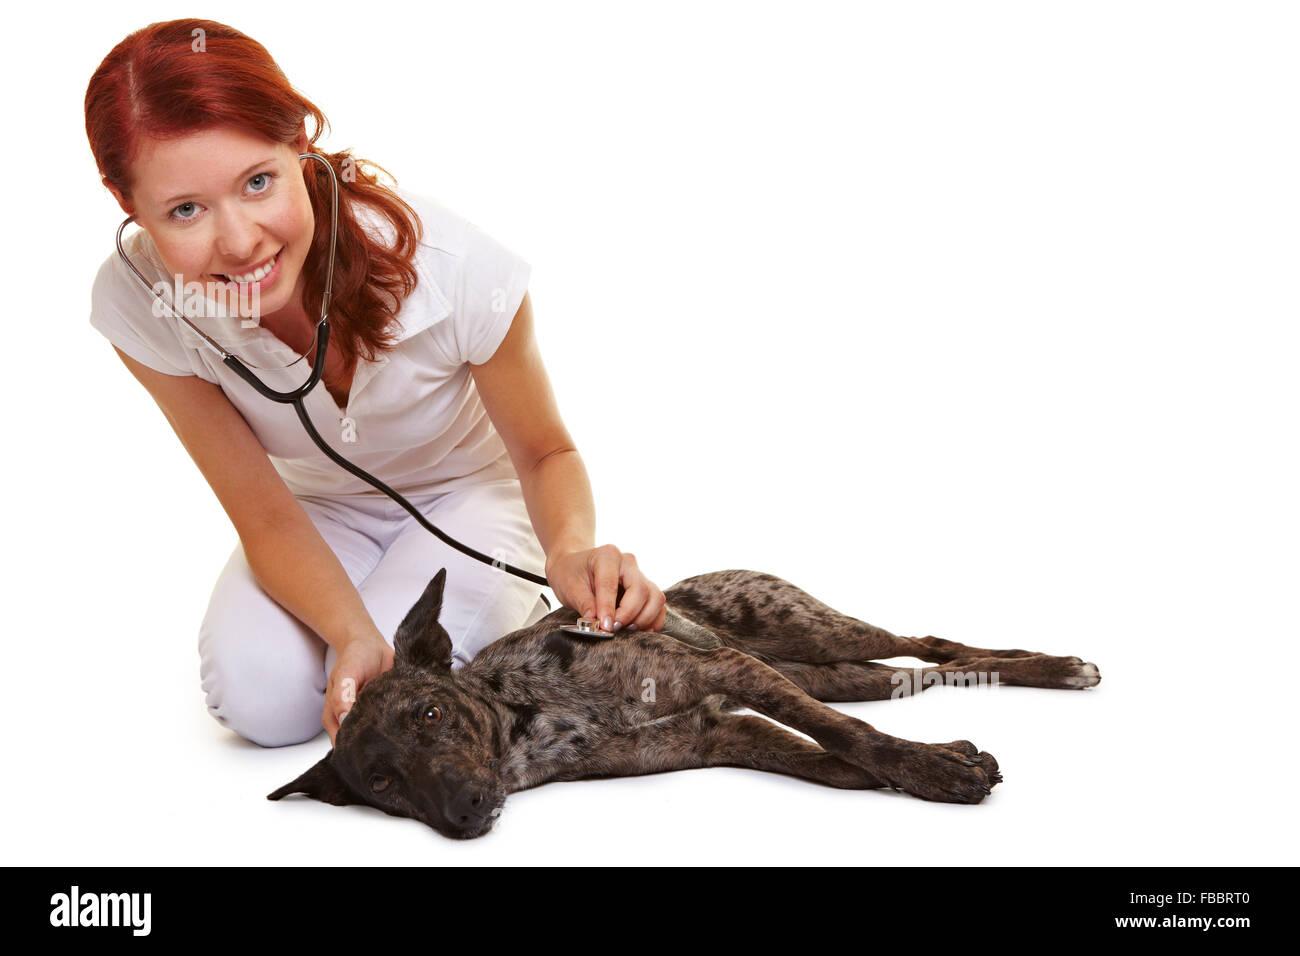 Smiling female vet examing sick dog with stethoscope - Stock Image